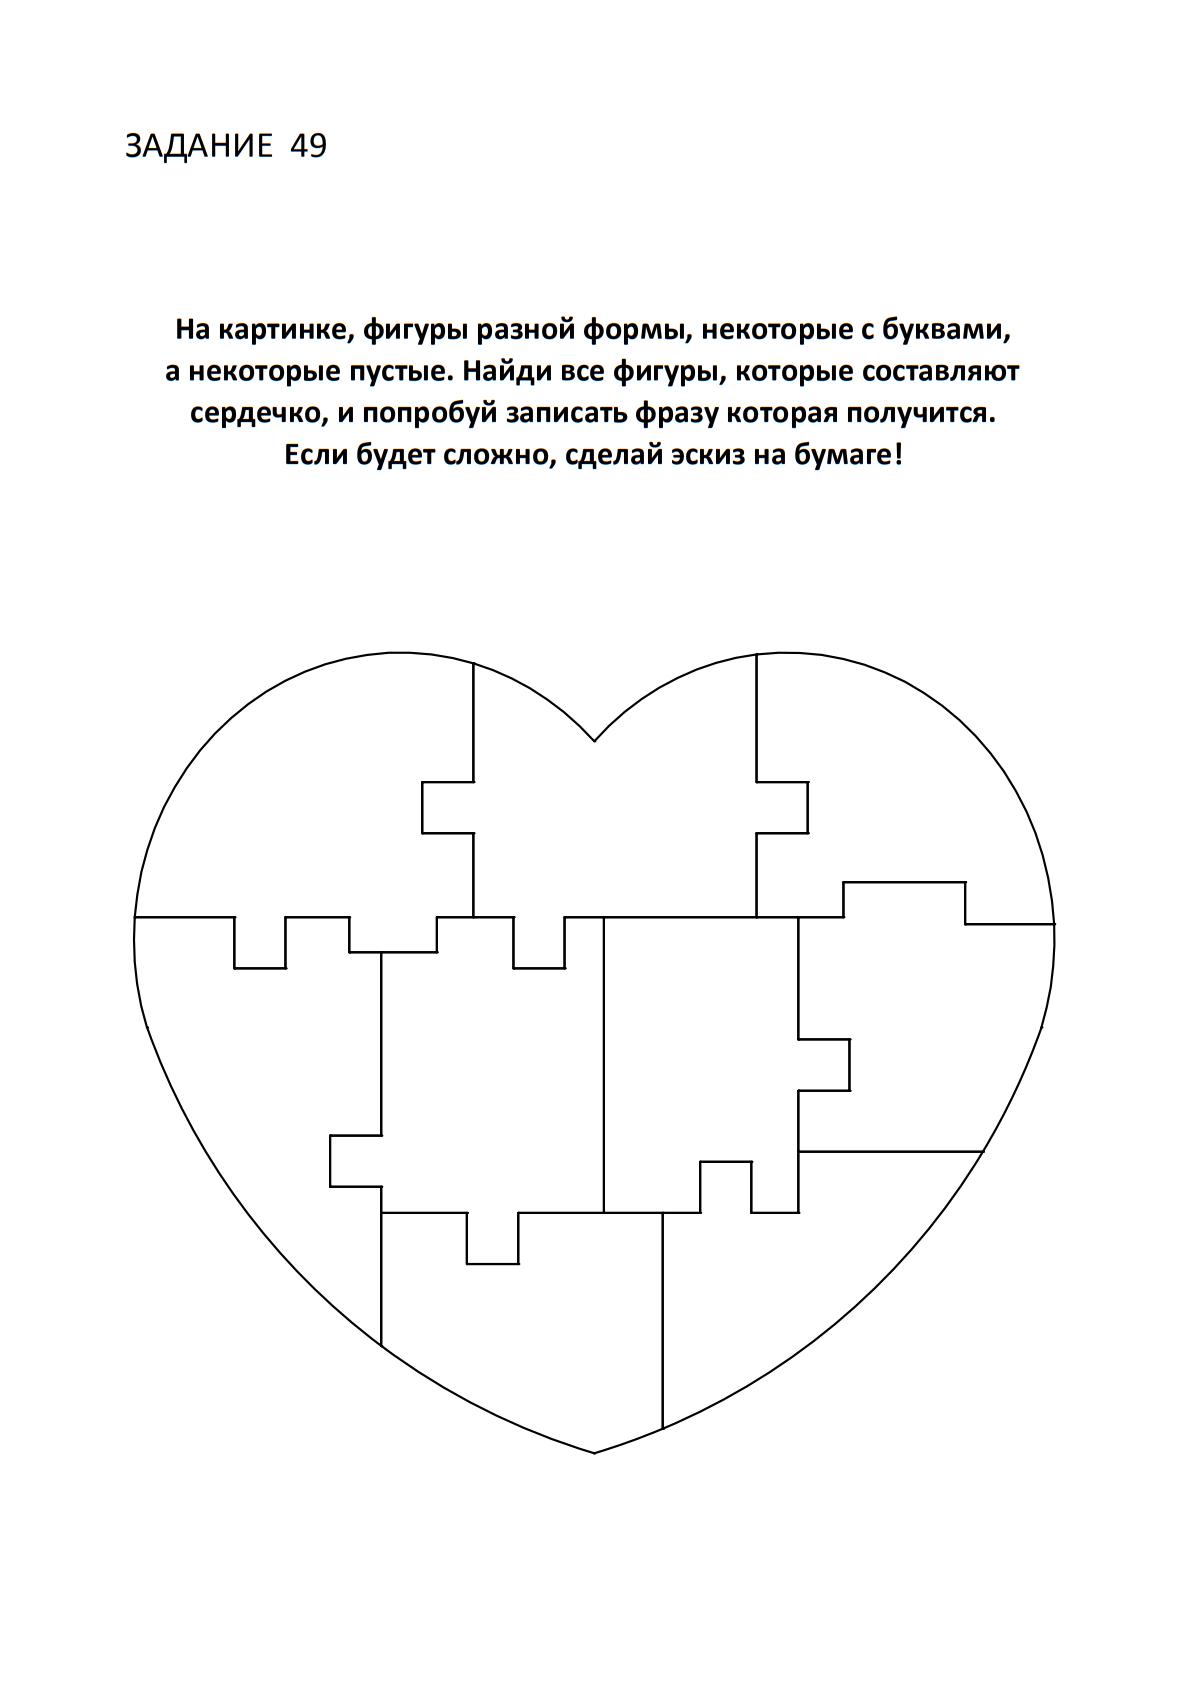 Заполни сердечко подходящими фигурками. Задание 49 в тест игре Ольгины Задачки.